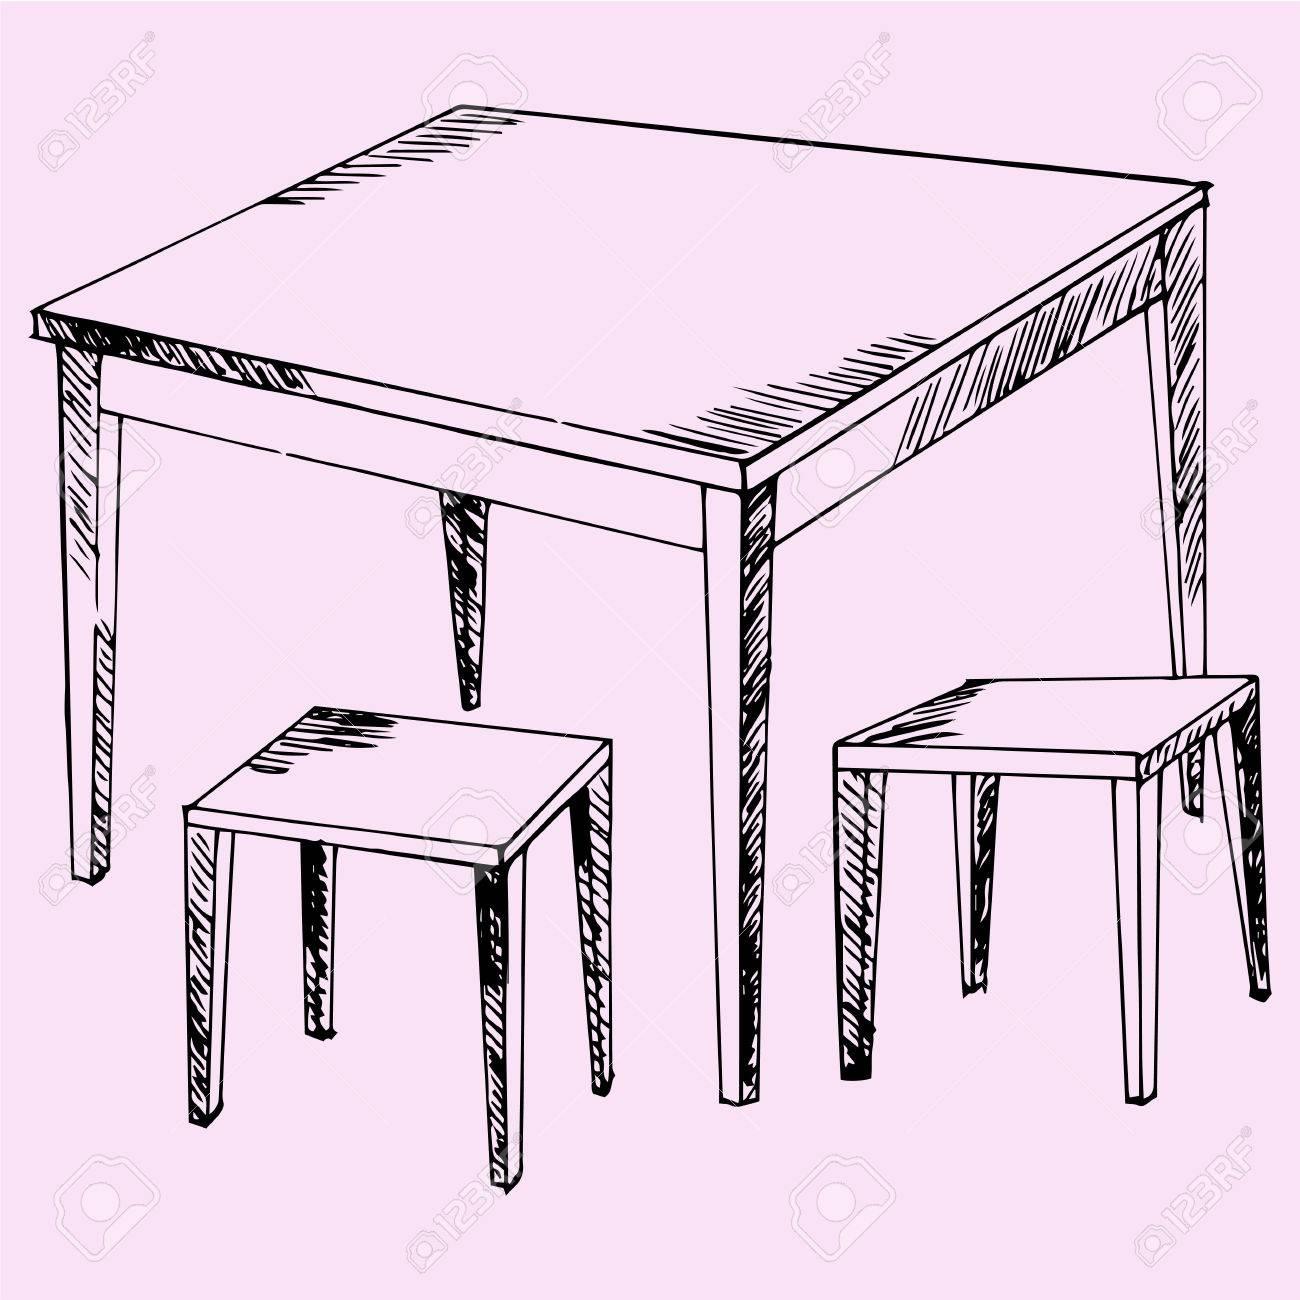 Mesa Y Sillas Cocina, Estilo De Dibujo, Ilustración Boceto ...